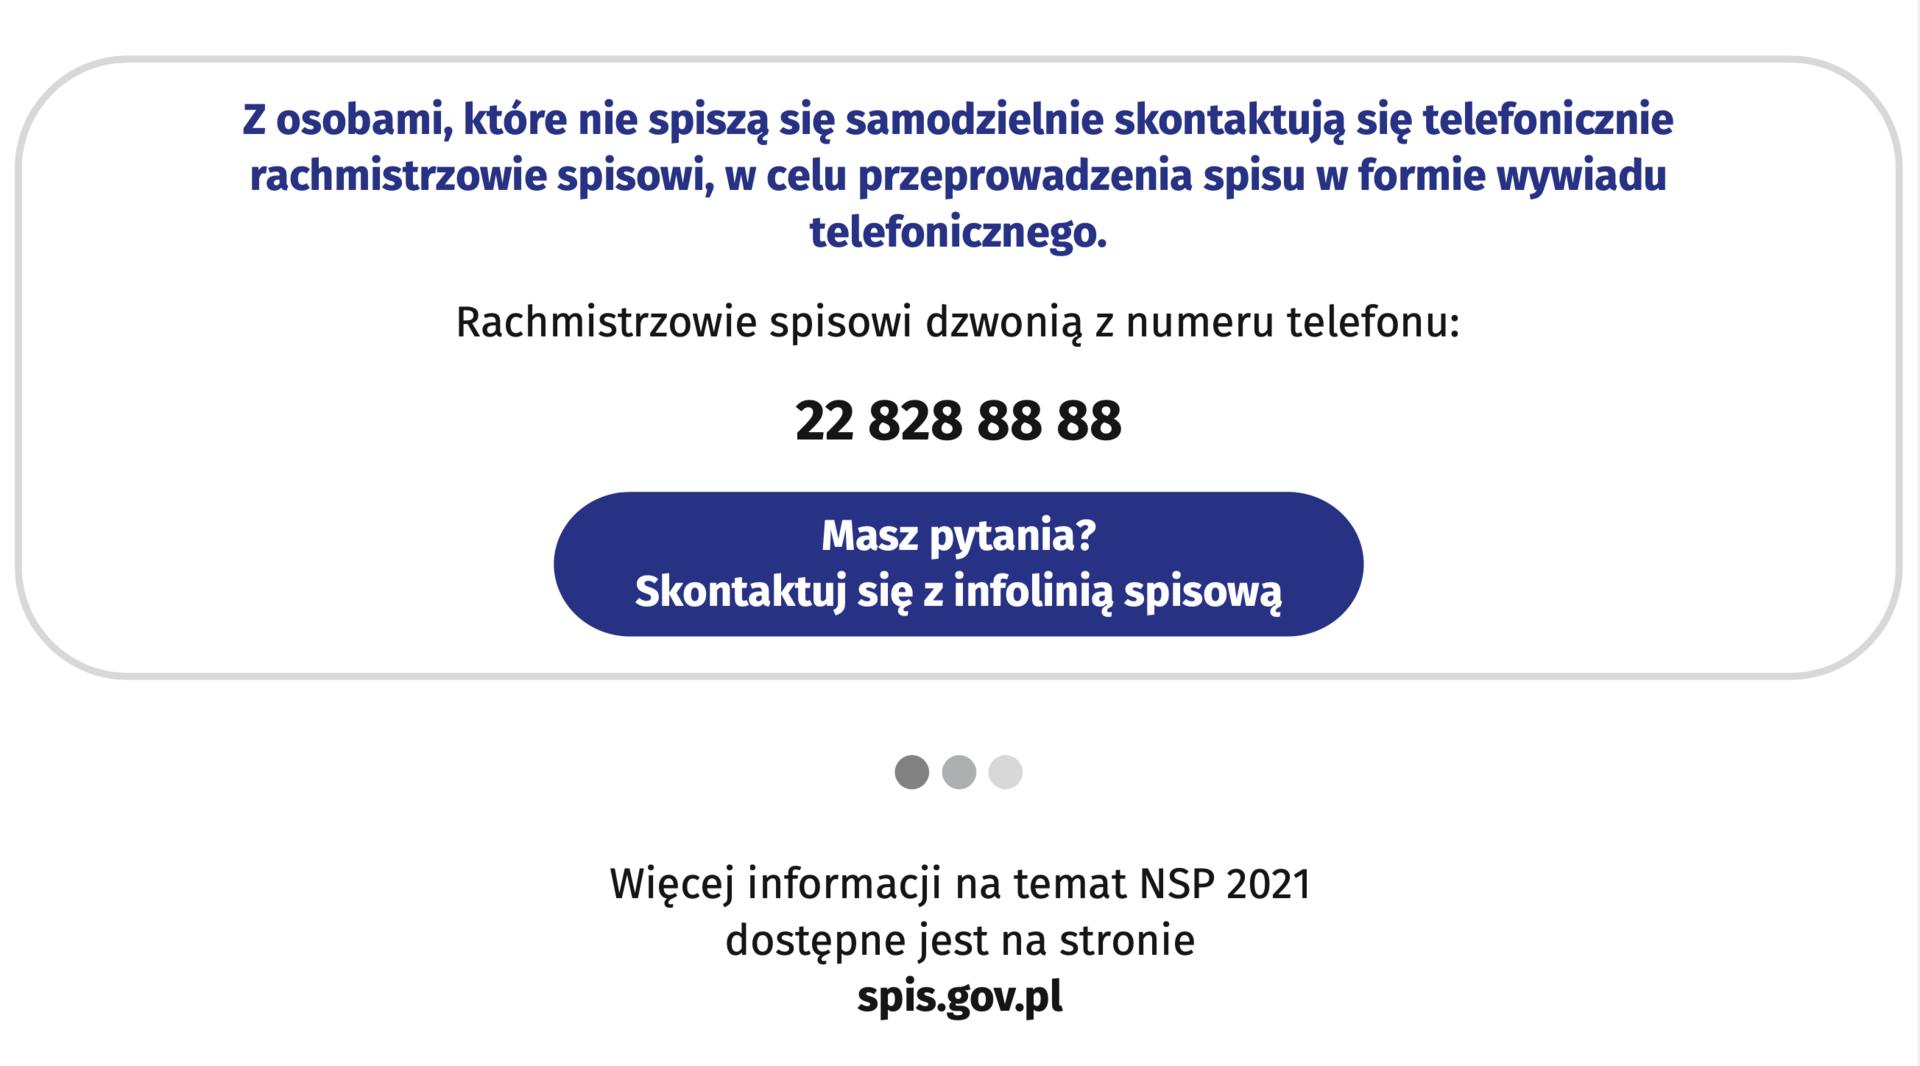 Narodowy Spis Powszechny_004.png